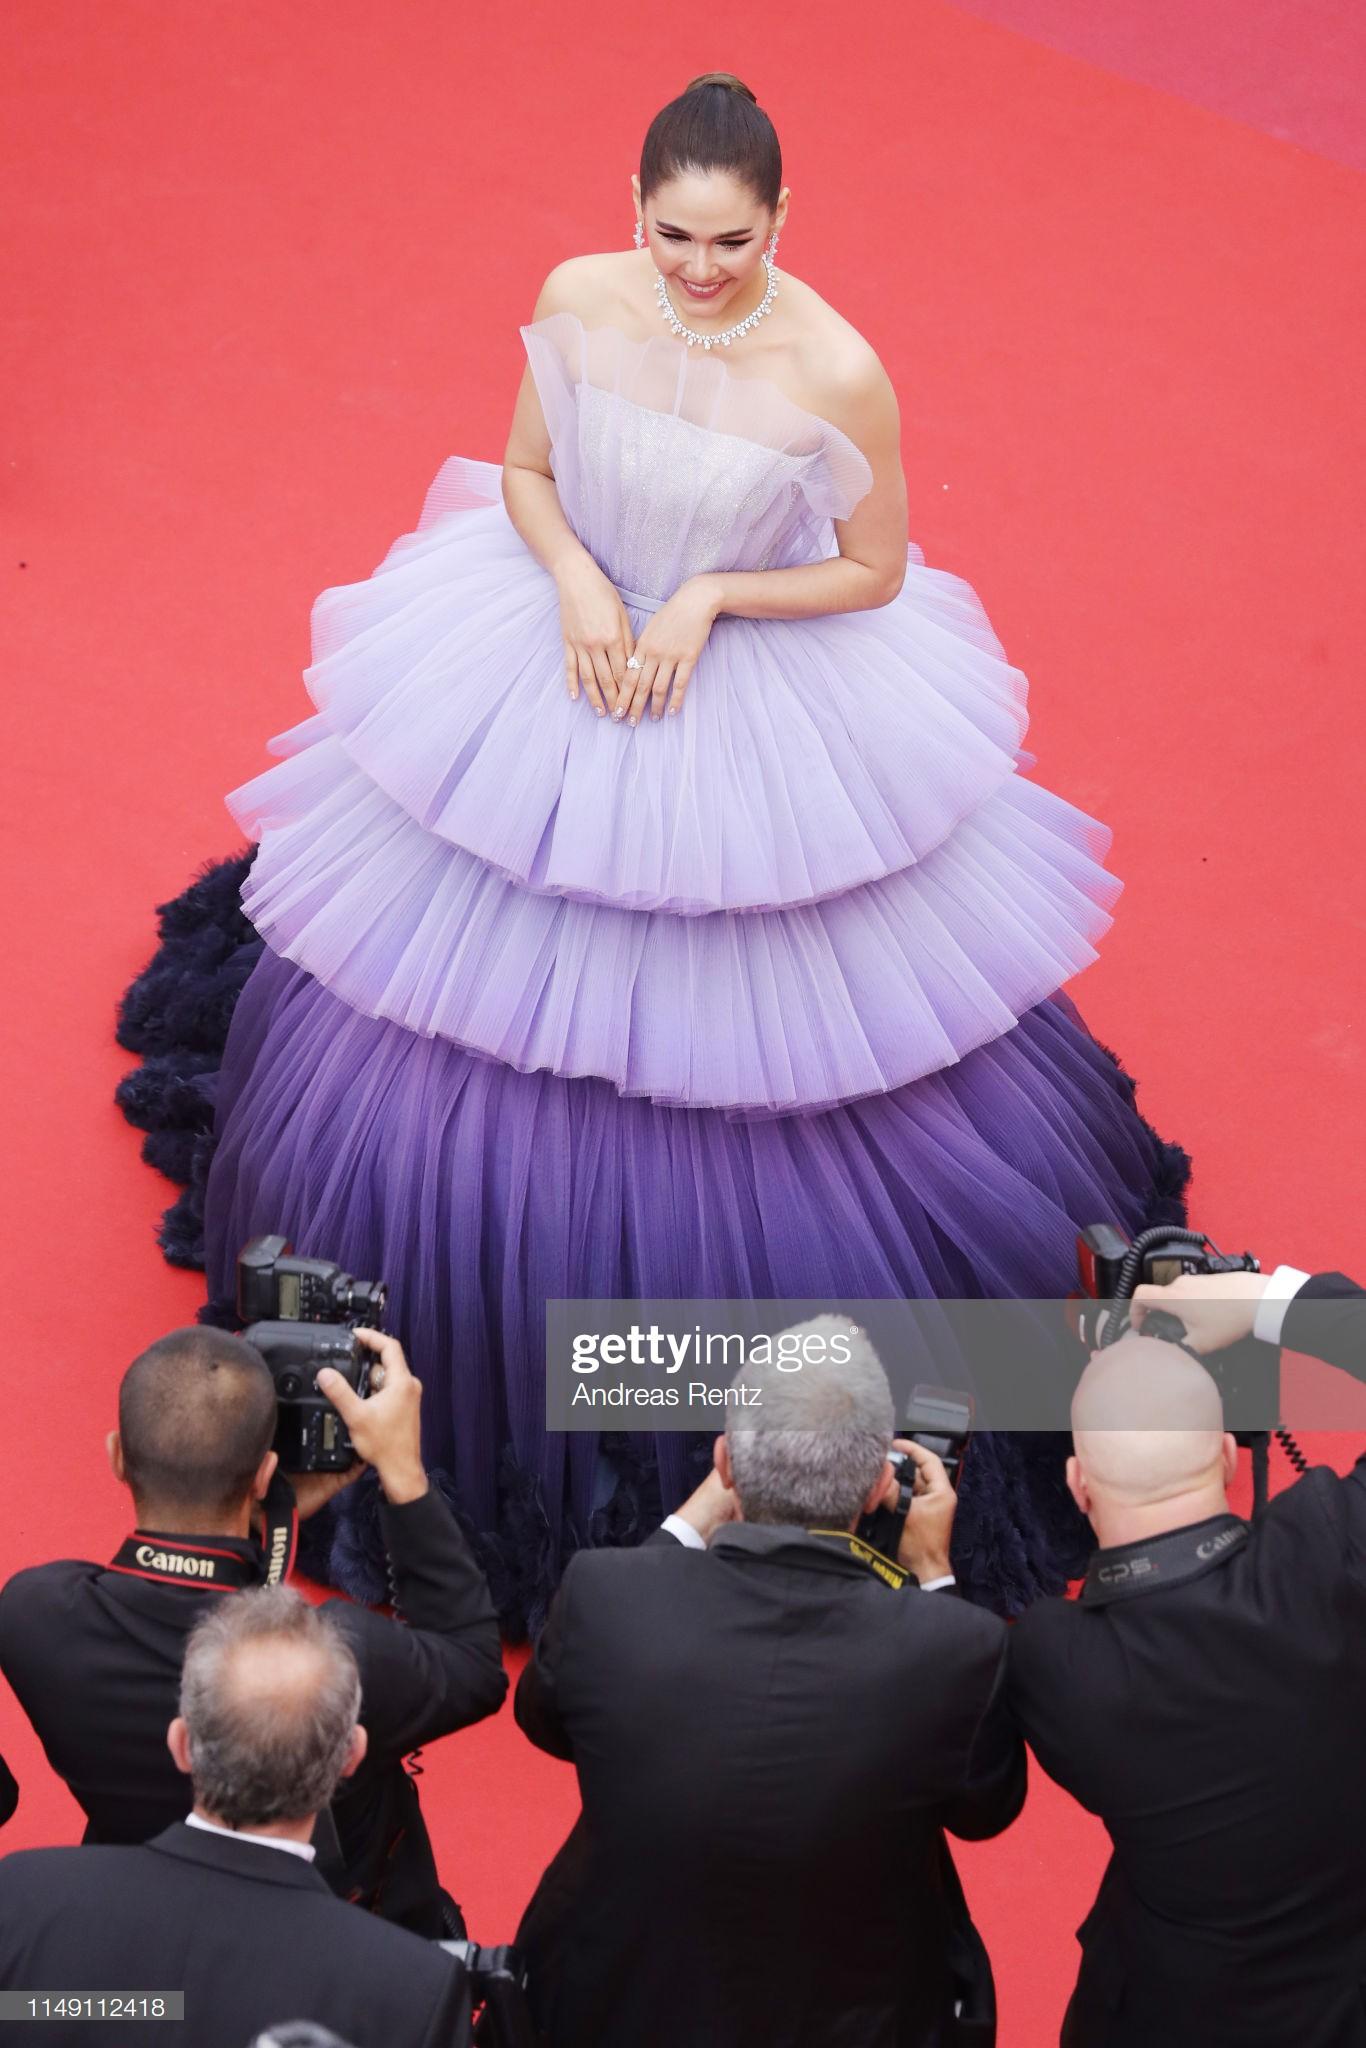 Cannes ngày đầu tiên: Phạm Băng Băng Thái Lan mới chính là mỹ nhân châu Á chặt chém nhất với thần thái bức người - Ảnh 3.